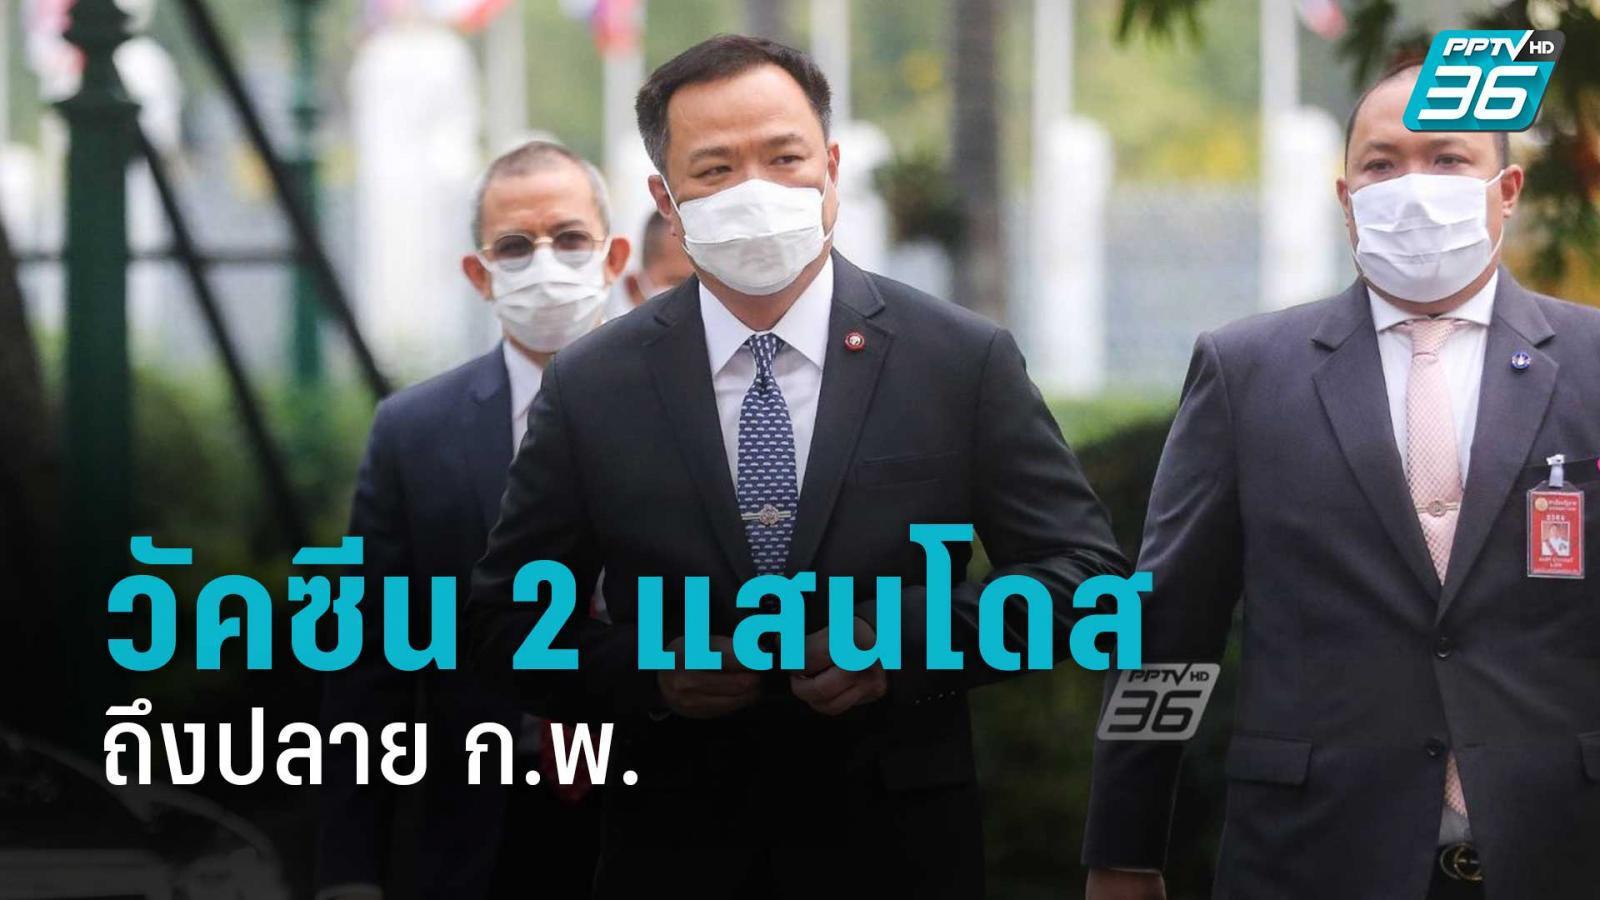 """วัคซีน 2 แสนโดสแรกถึงไทย ปลายก.พ. """"อนุทิน"""" เบรก อปท.-เอกชน ซื้อเอง ชี้ """"เขาไม่ขายให้"""""""